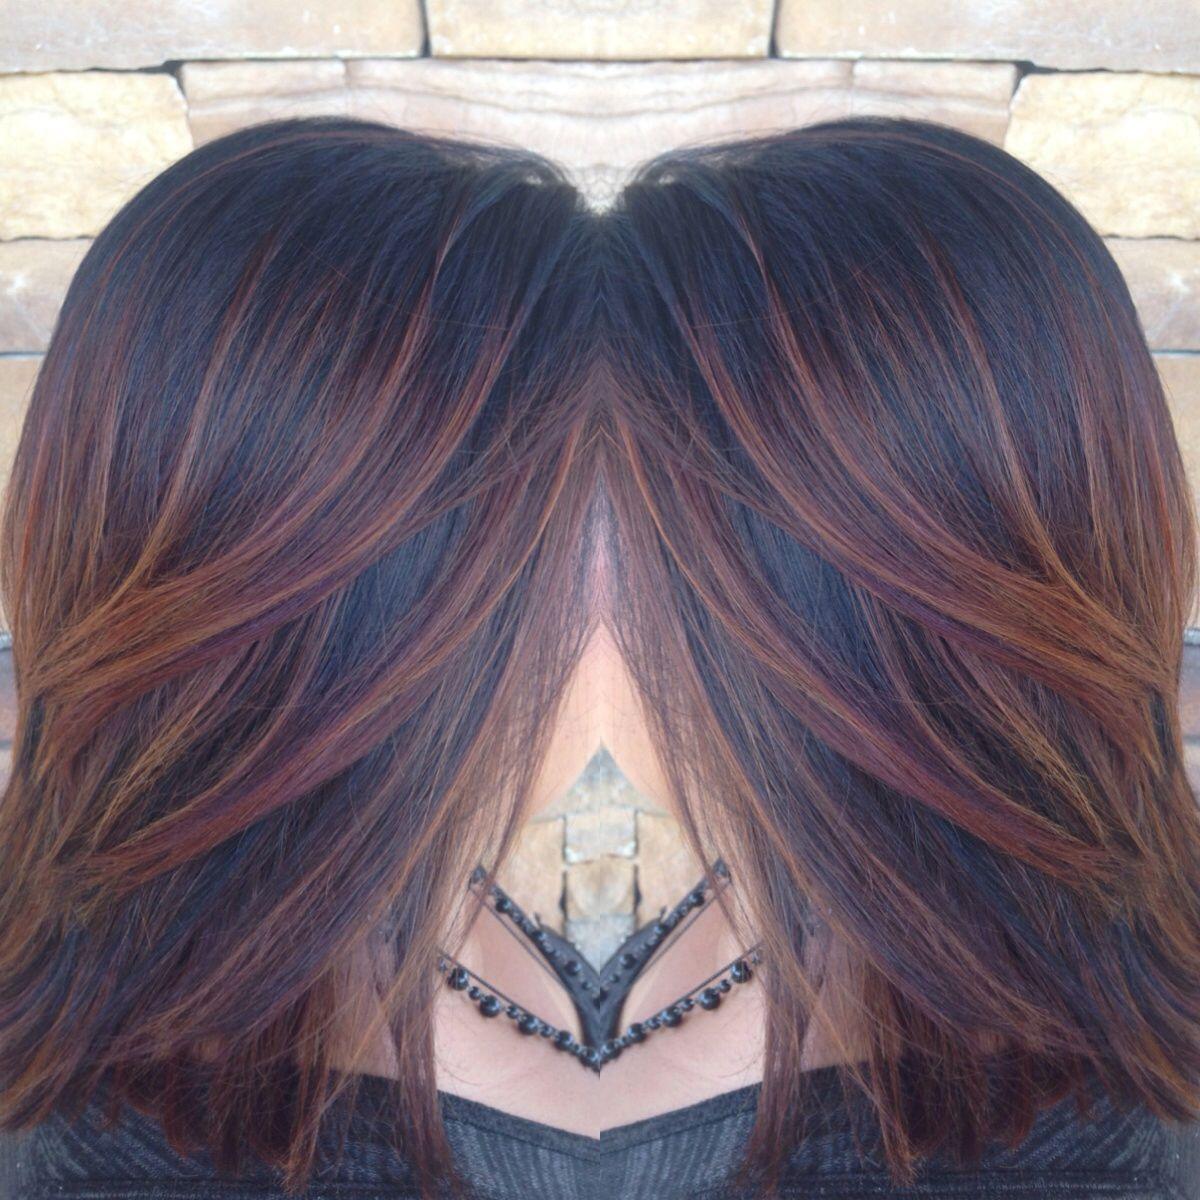 Ambercopperredauburn ombr weave with balayage on black hair ambercopperredauburn ombr weave with balayage on black hair pmusecretfo Images